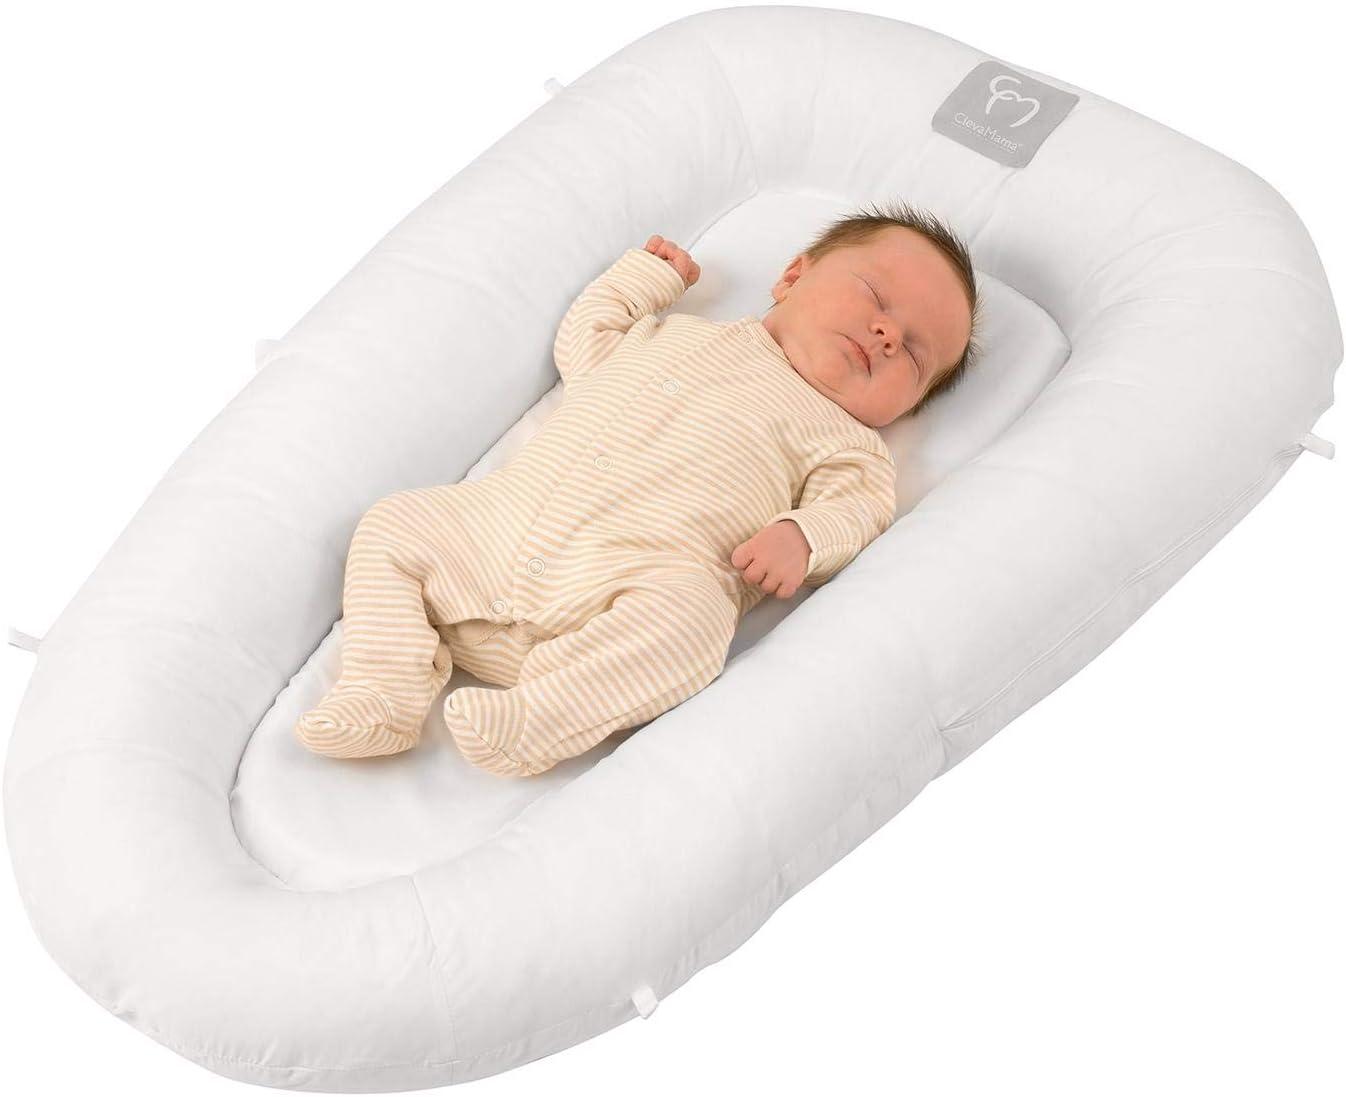 Clevamama - Reductor de Cama ClevaSleep - Nido para Bebés (0-6 meses) - Blanco